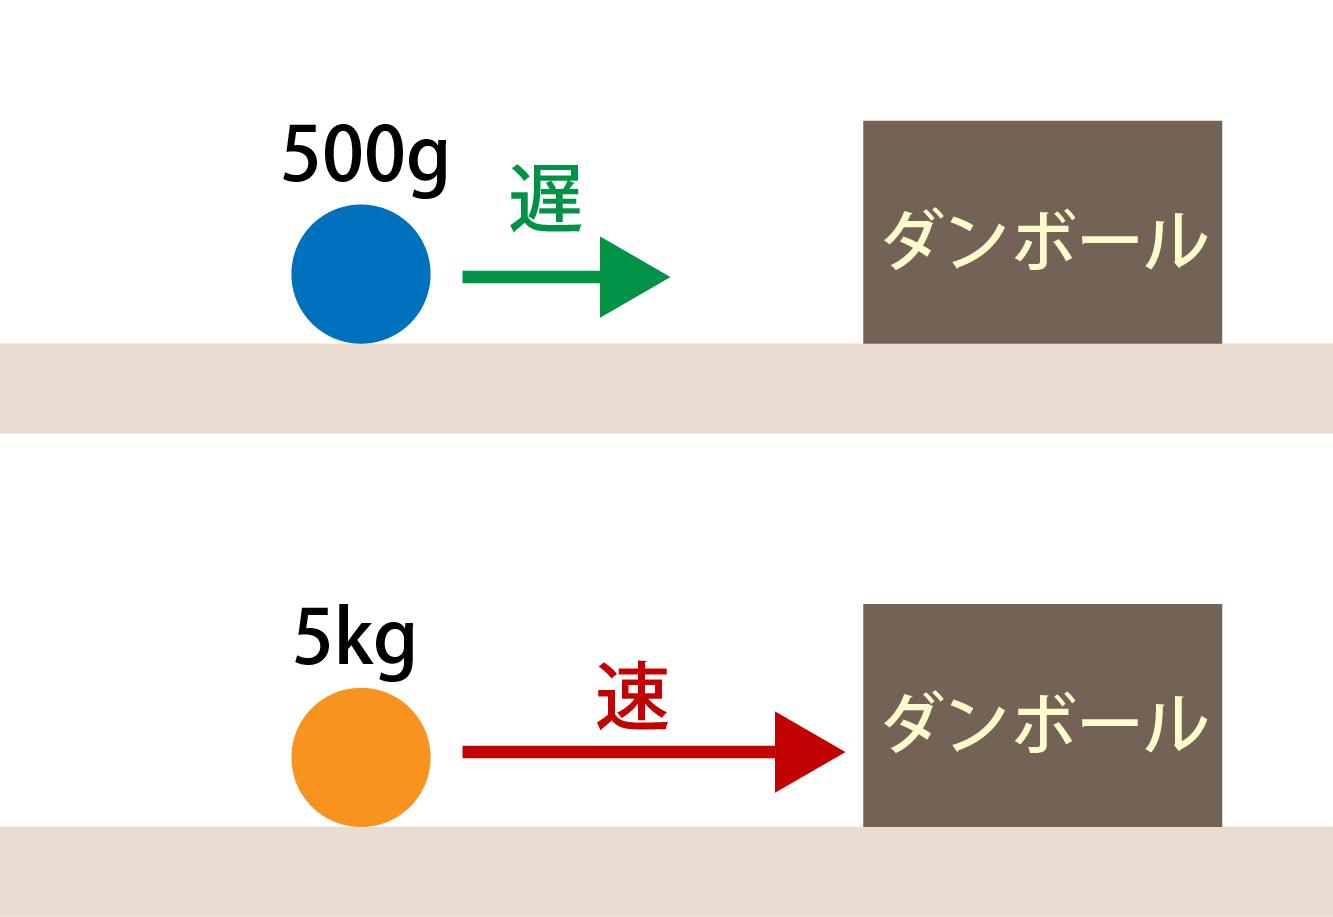 運動量とは何かの解説